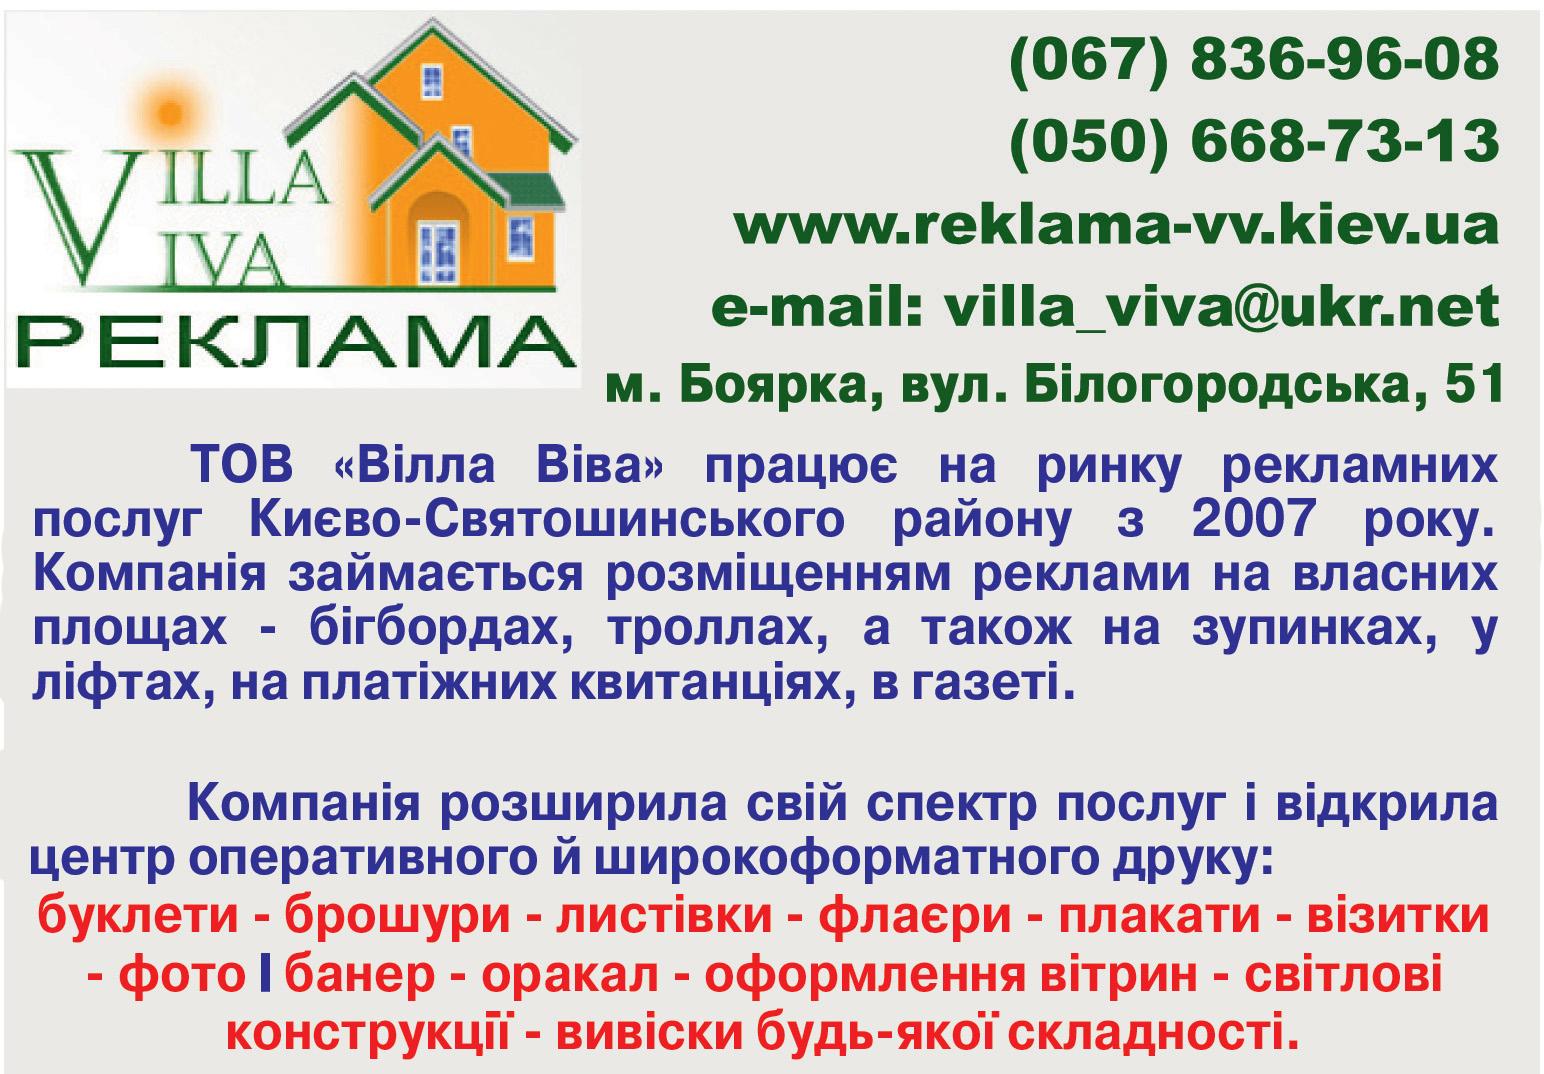 Villa-Viva_Spravochnik